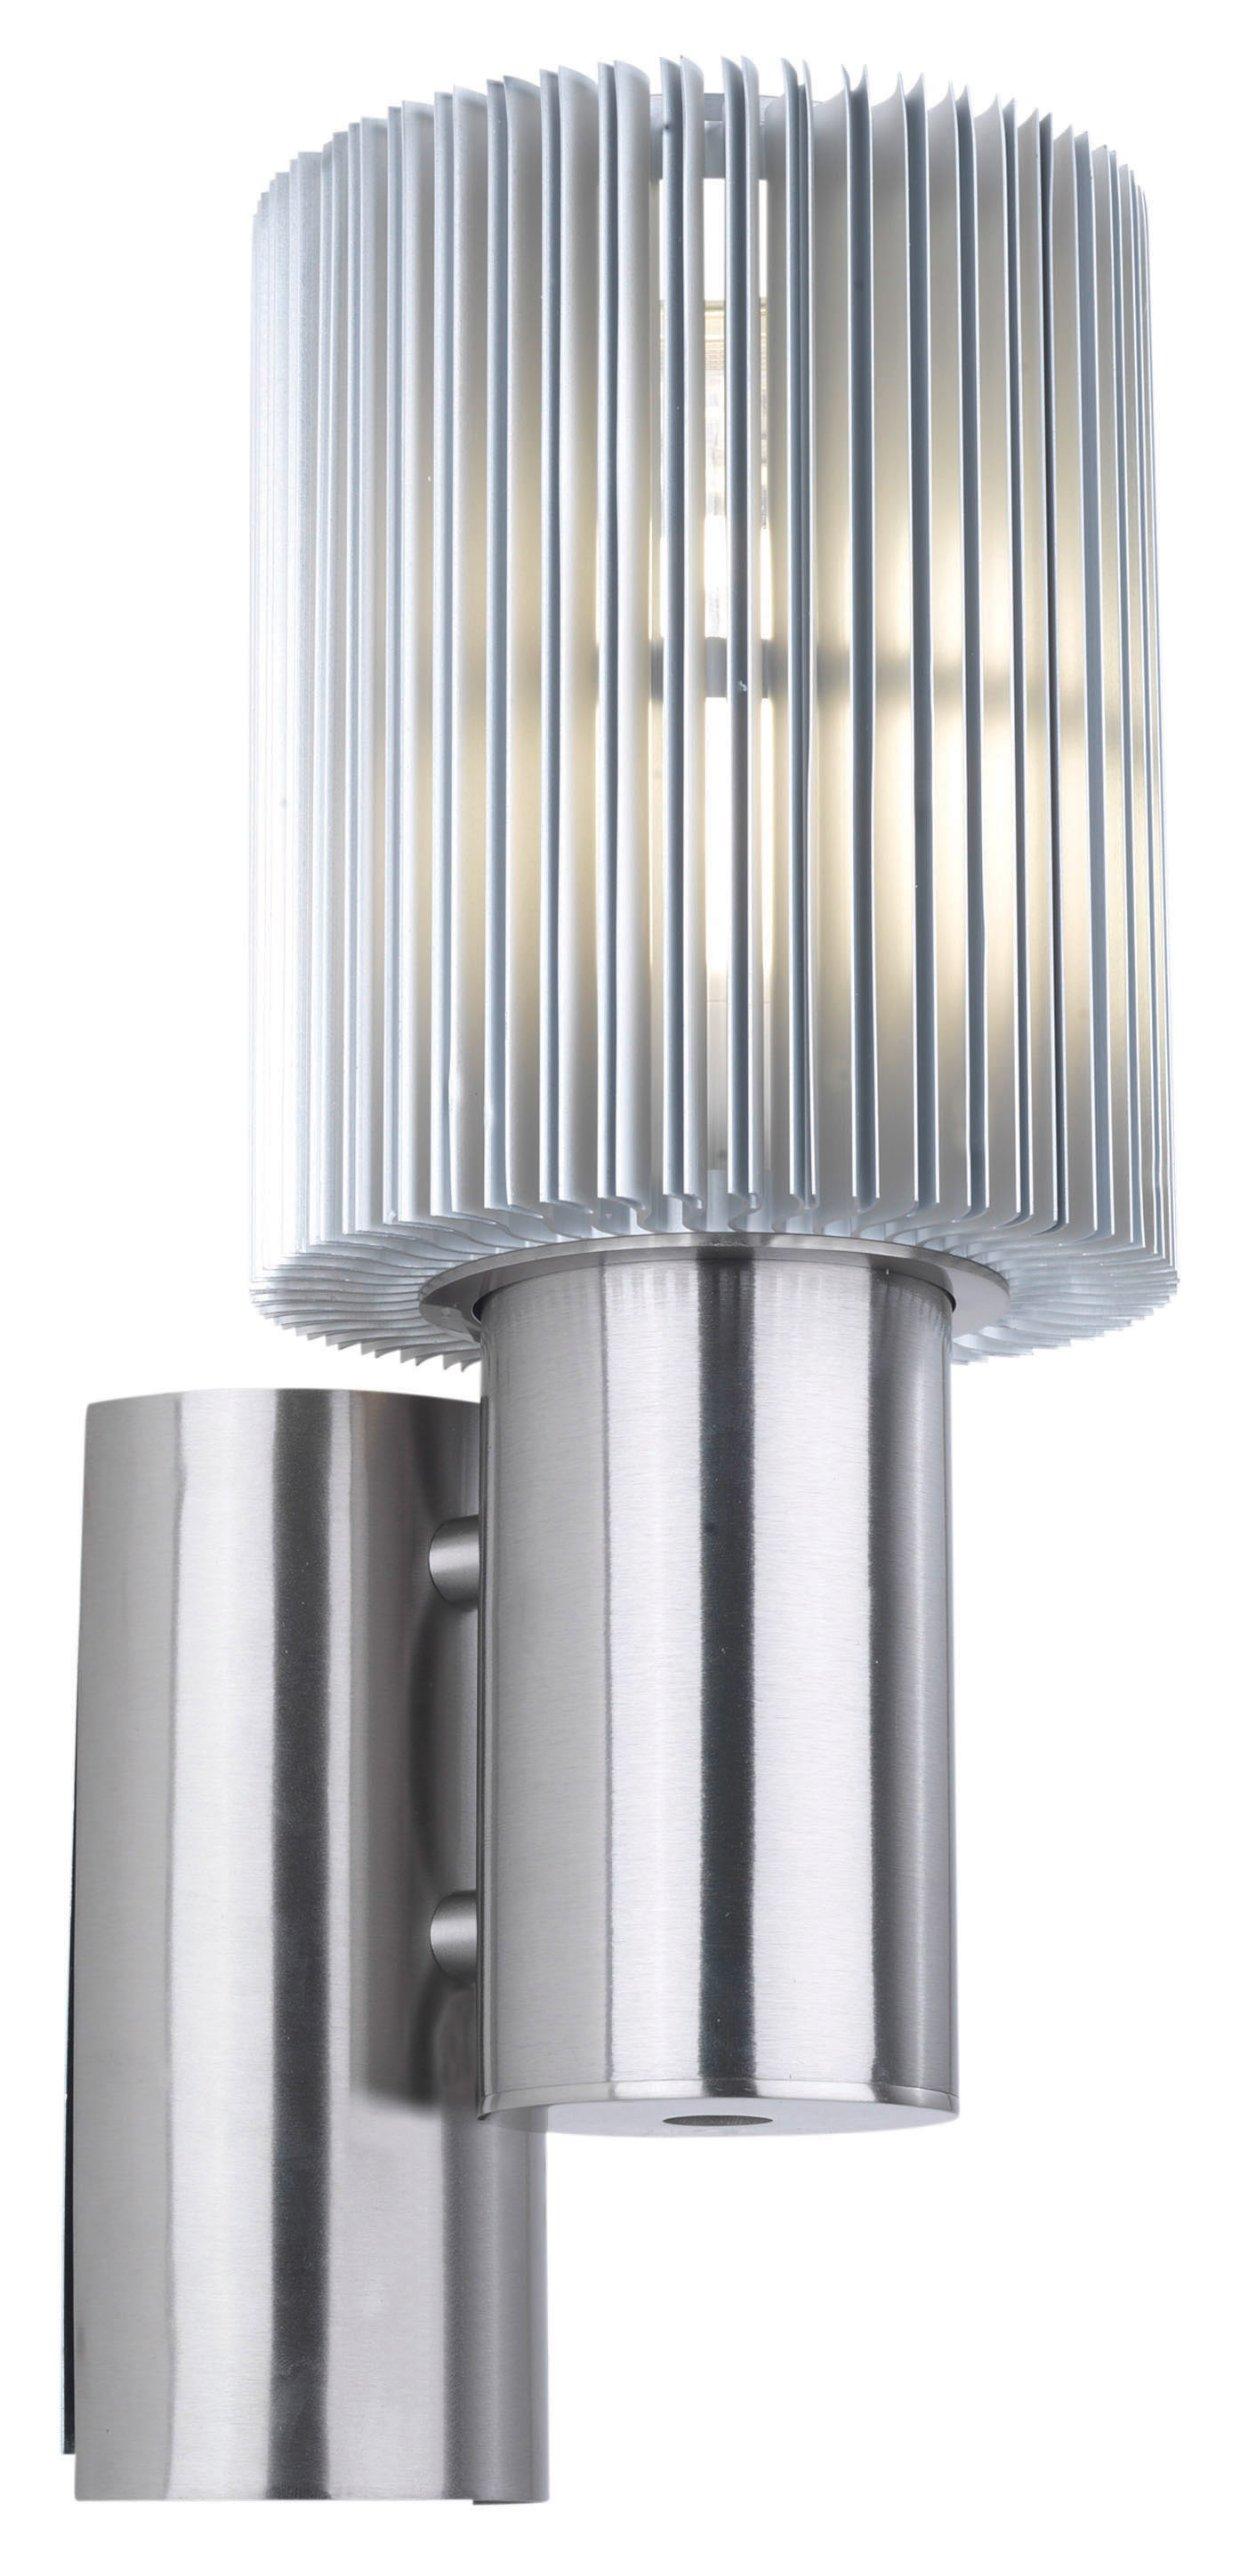 Eglo 89572A Maronello Wall Light, Aluminum